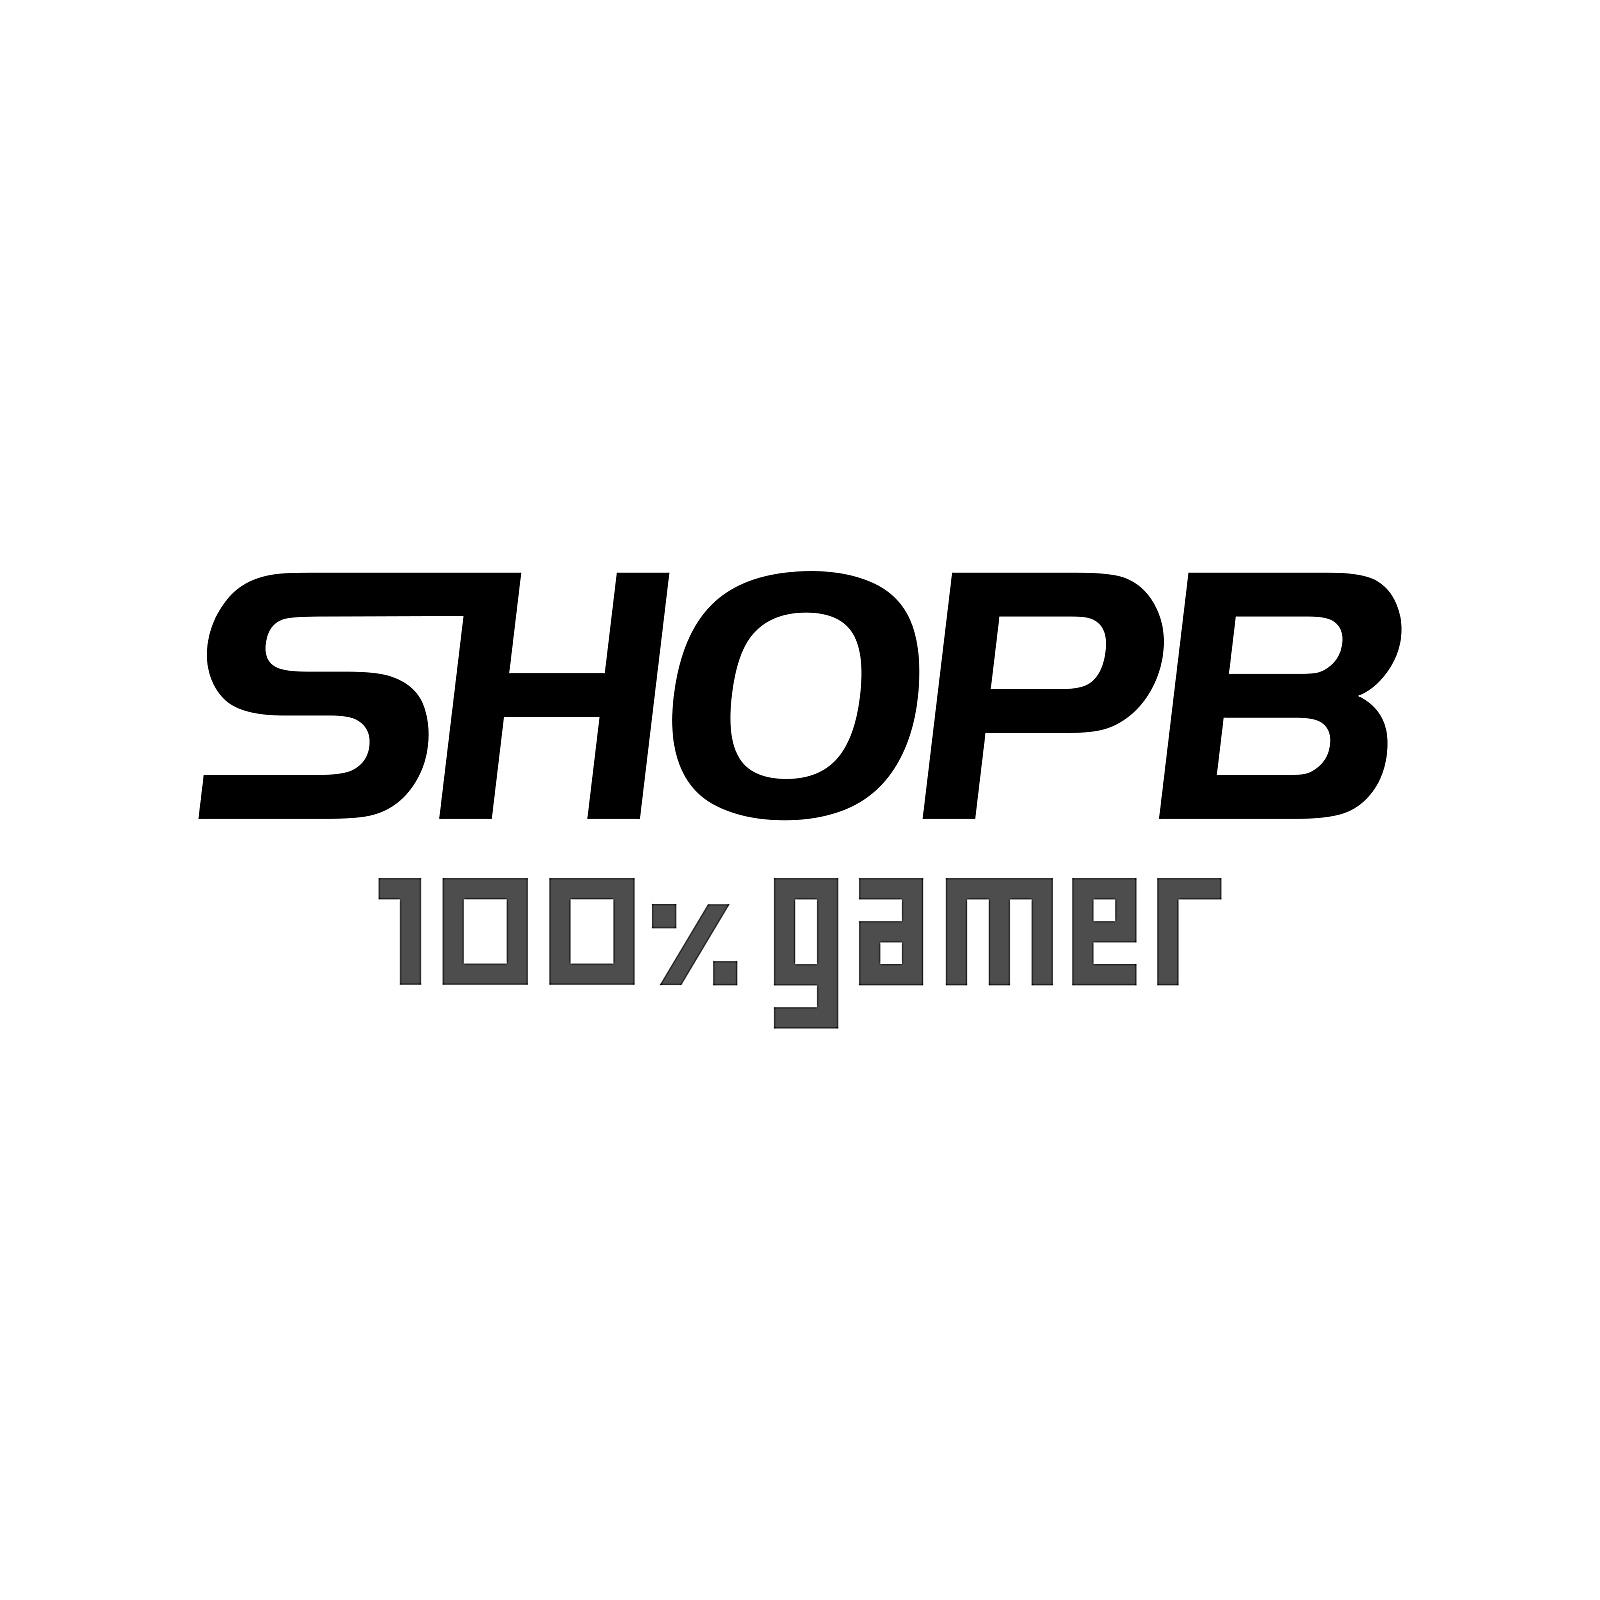 SHOPB